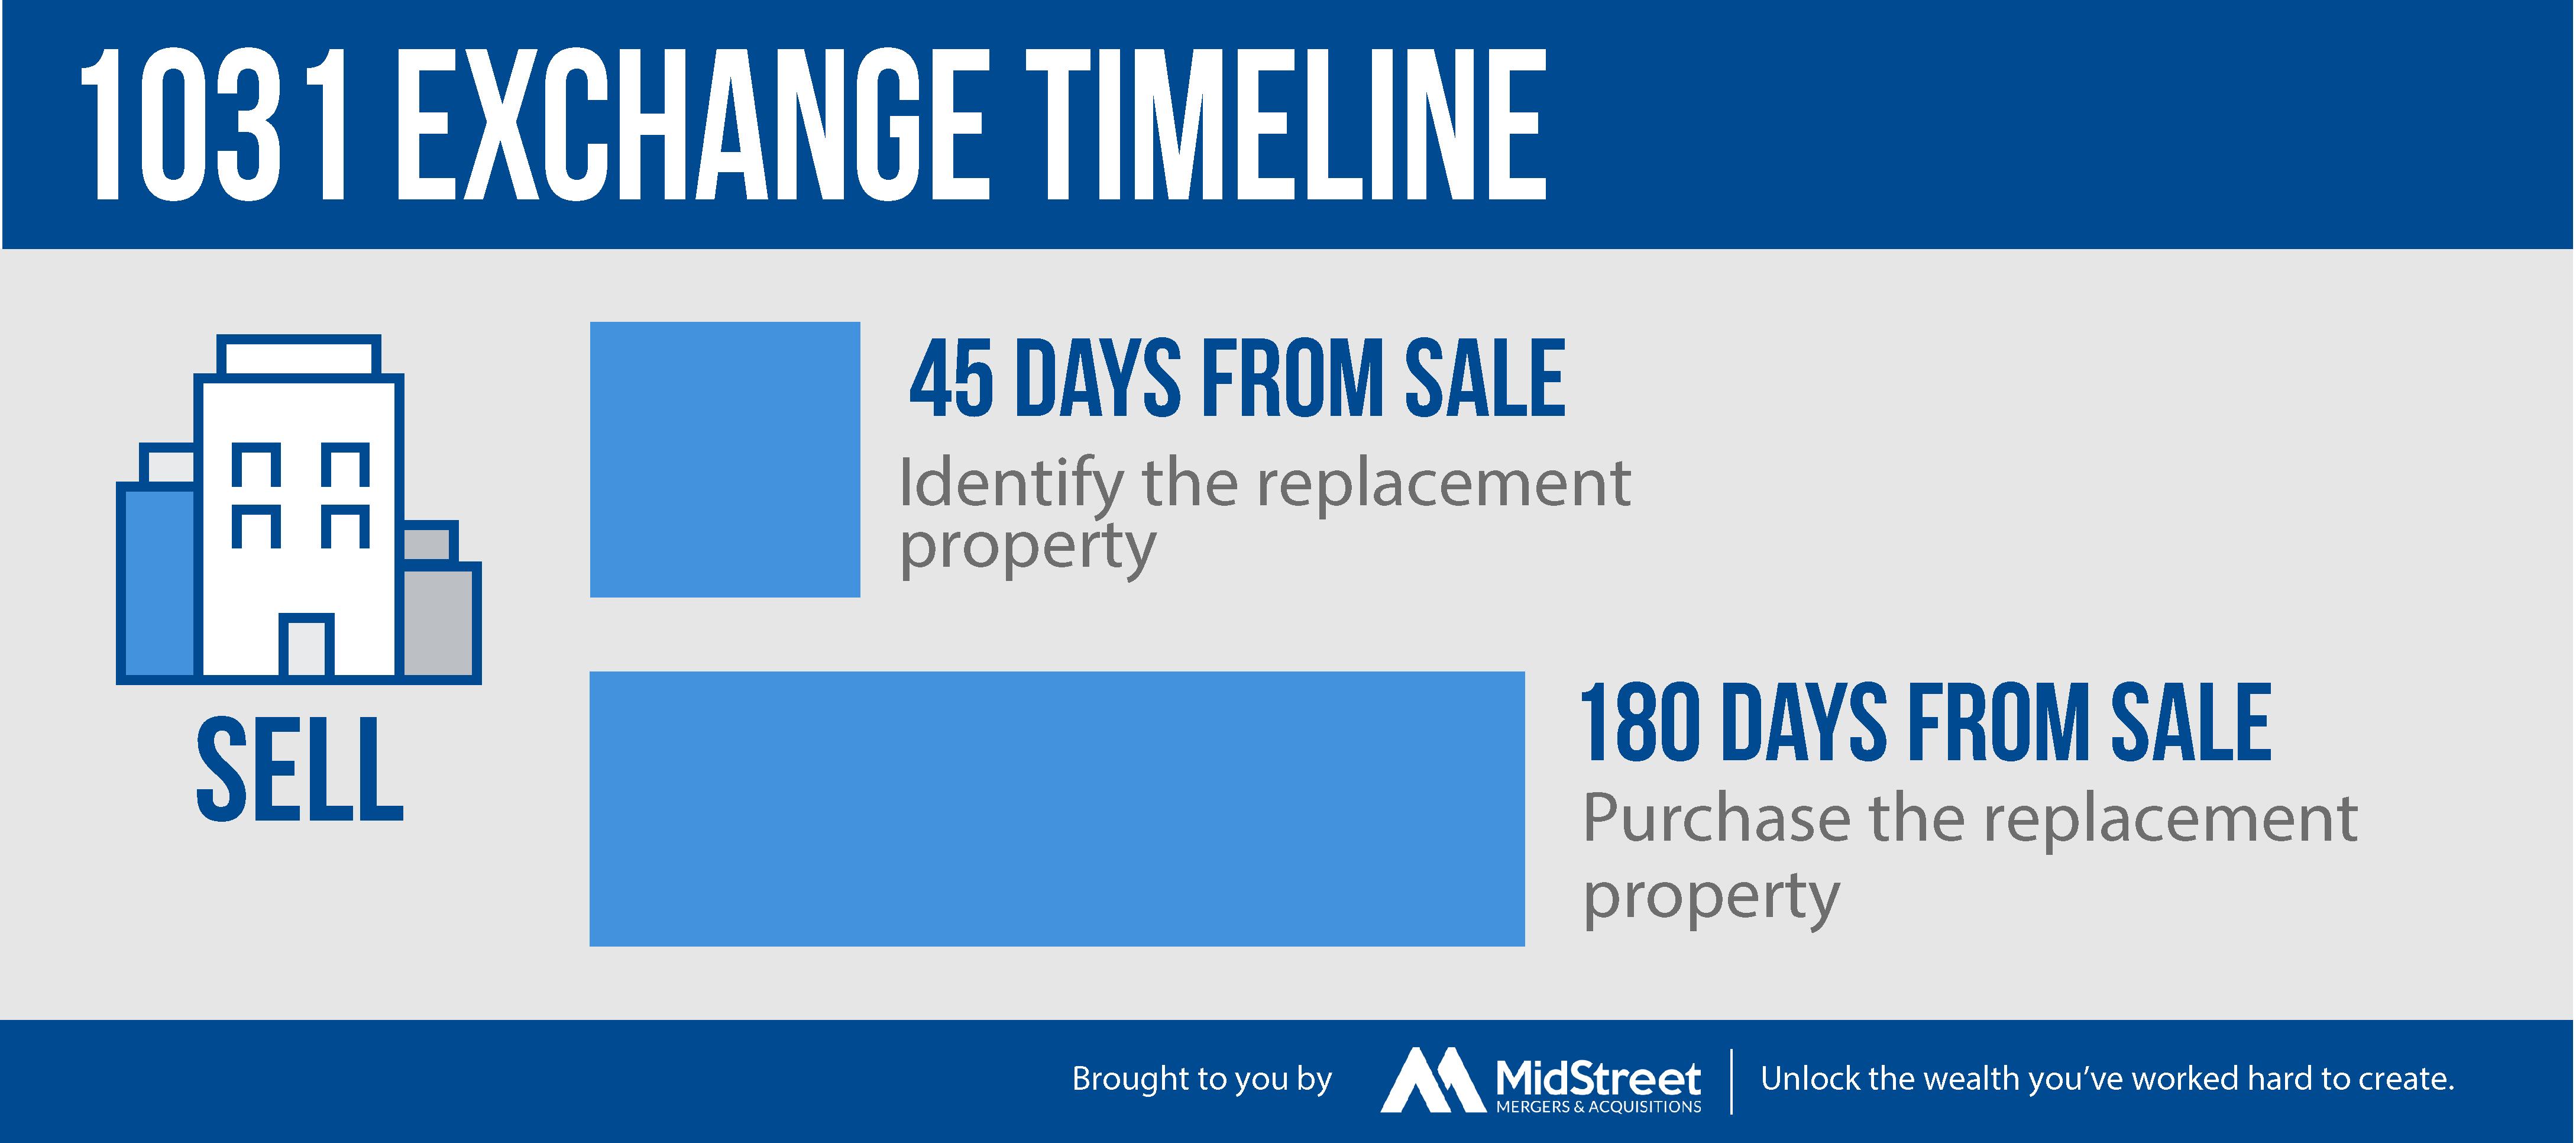 1031-Exchange Timeline